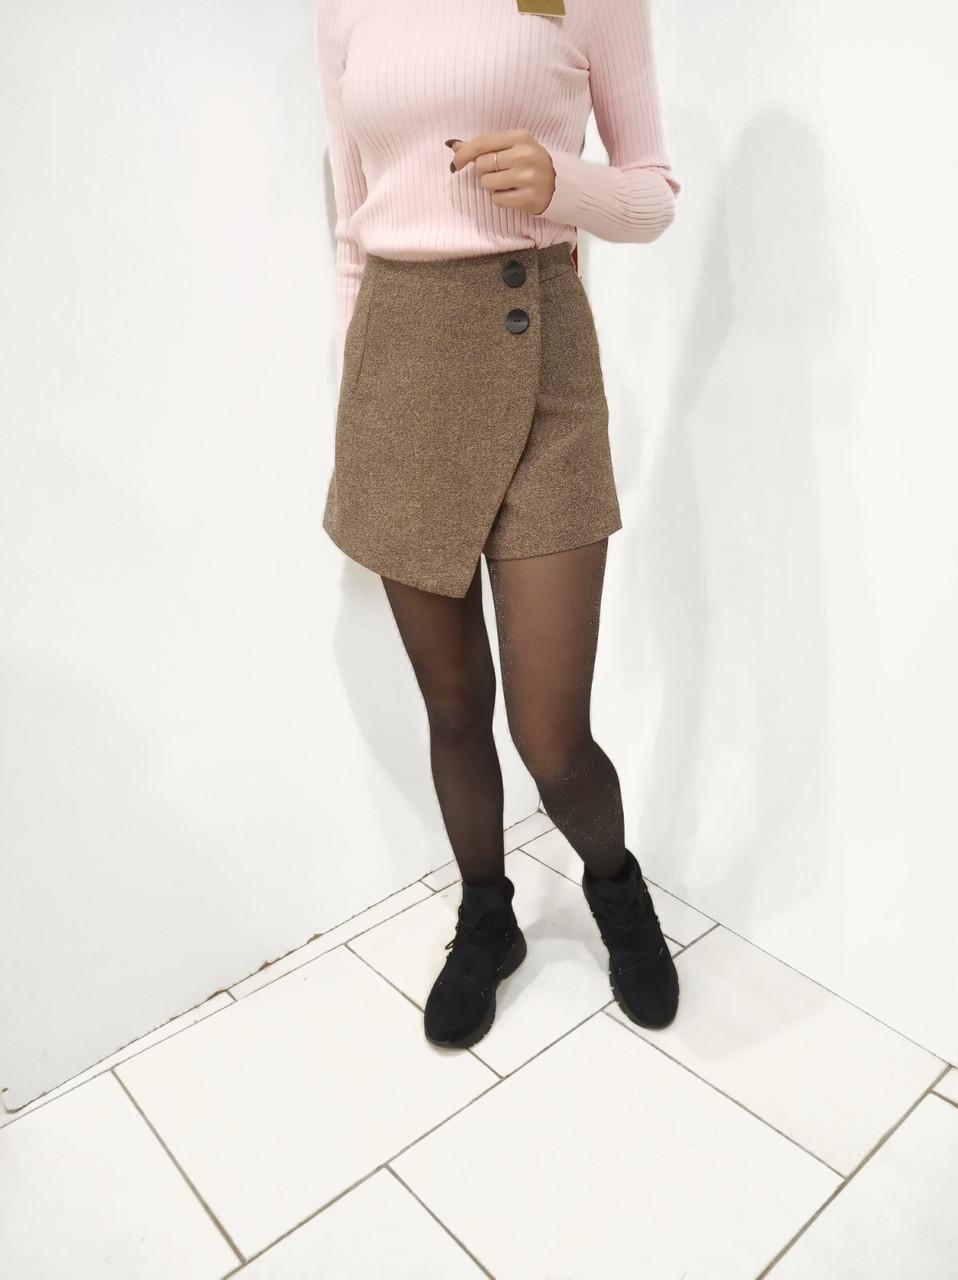 Купить Женская твидовая юбка-шорты коричневого цвета